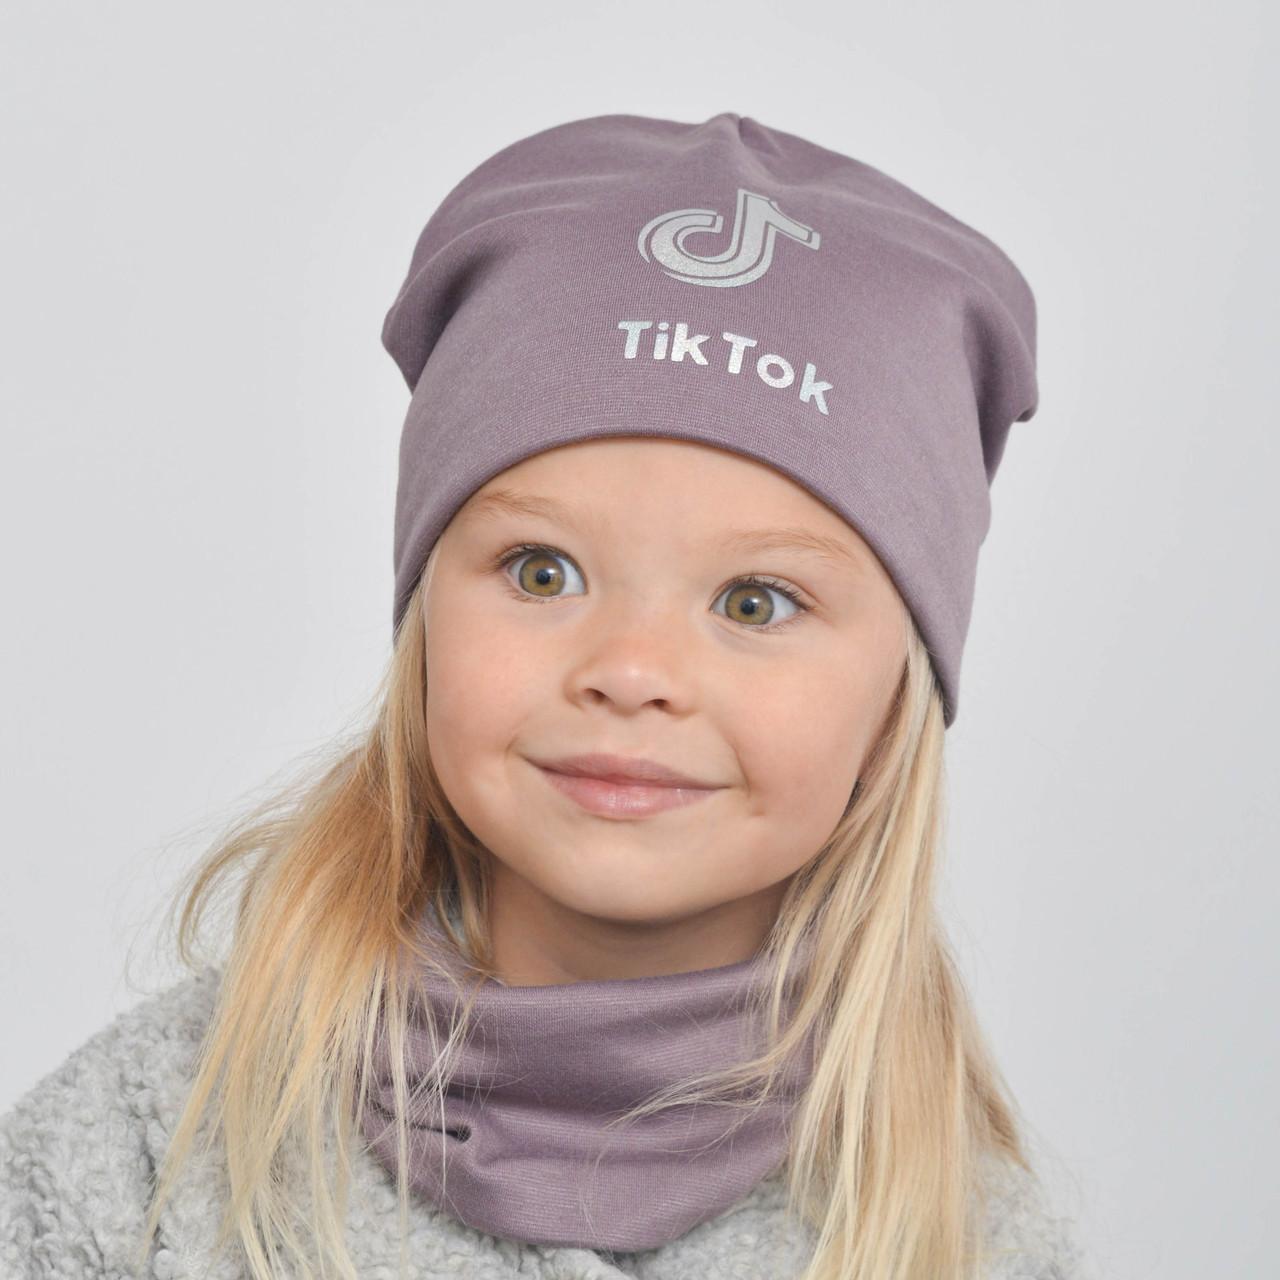 Дитячий трикотажний комплект на флісі оптом (шапка+хомут) Tik Tok Т. пудра2+голограма